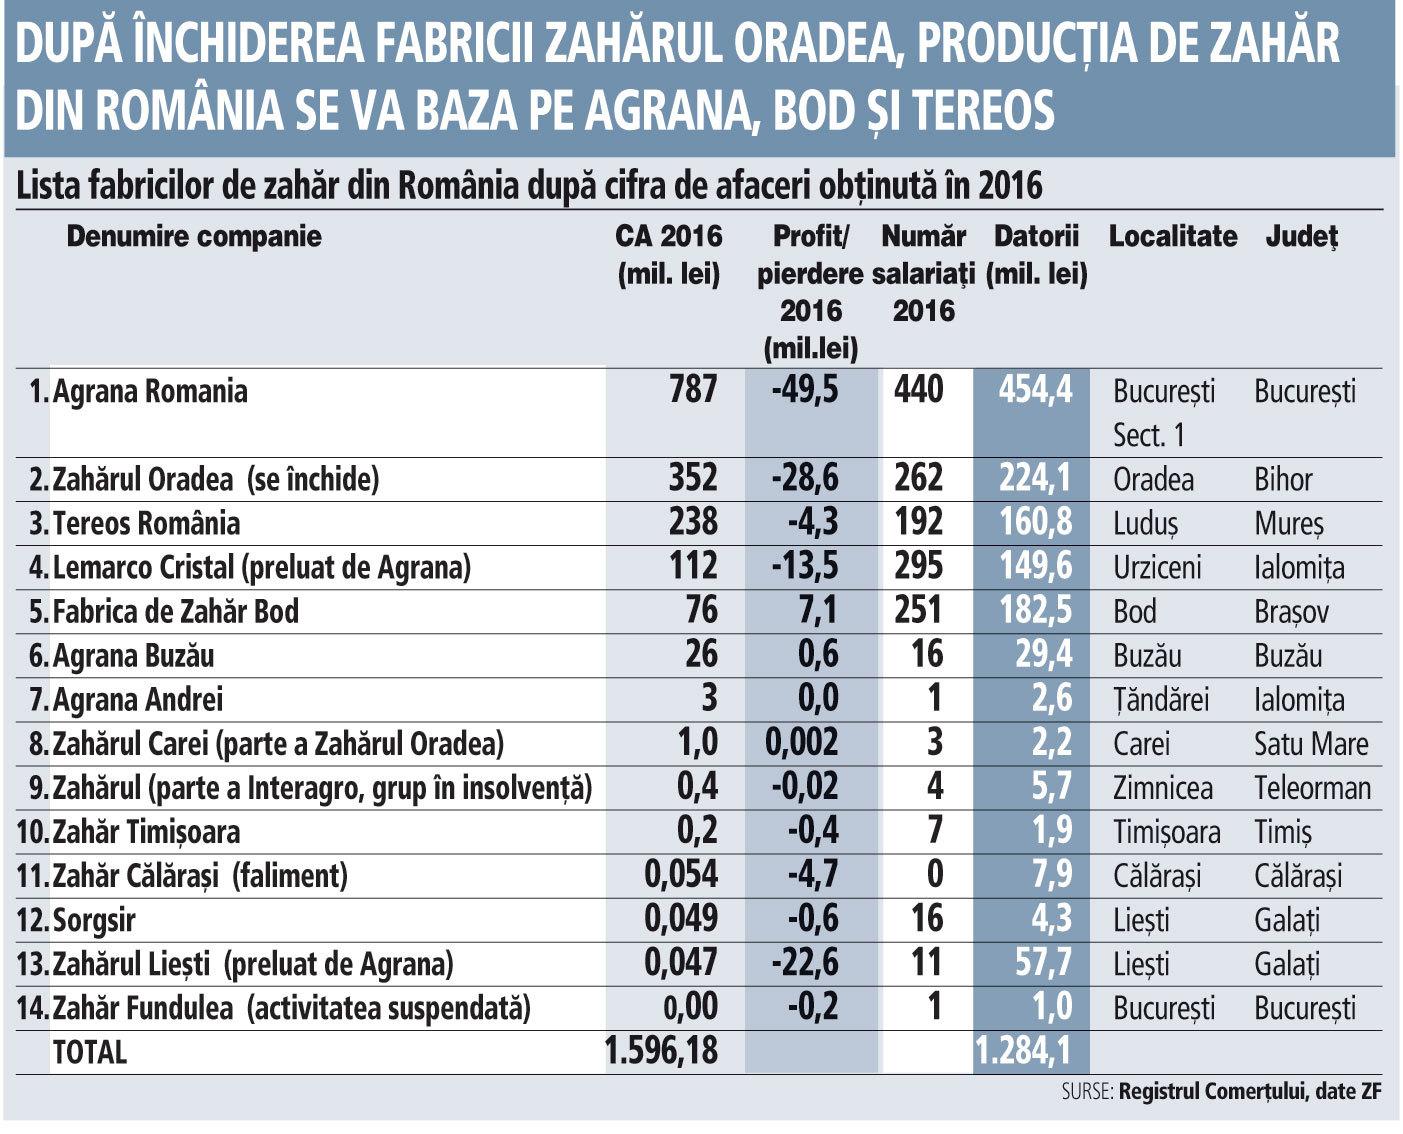 Grafic: Lista fabricilor de zahăr din România după cifra de afaceri obţinută în 2016